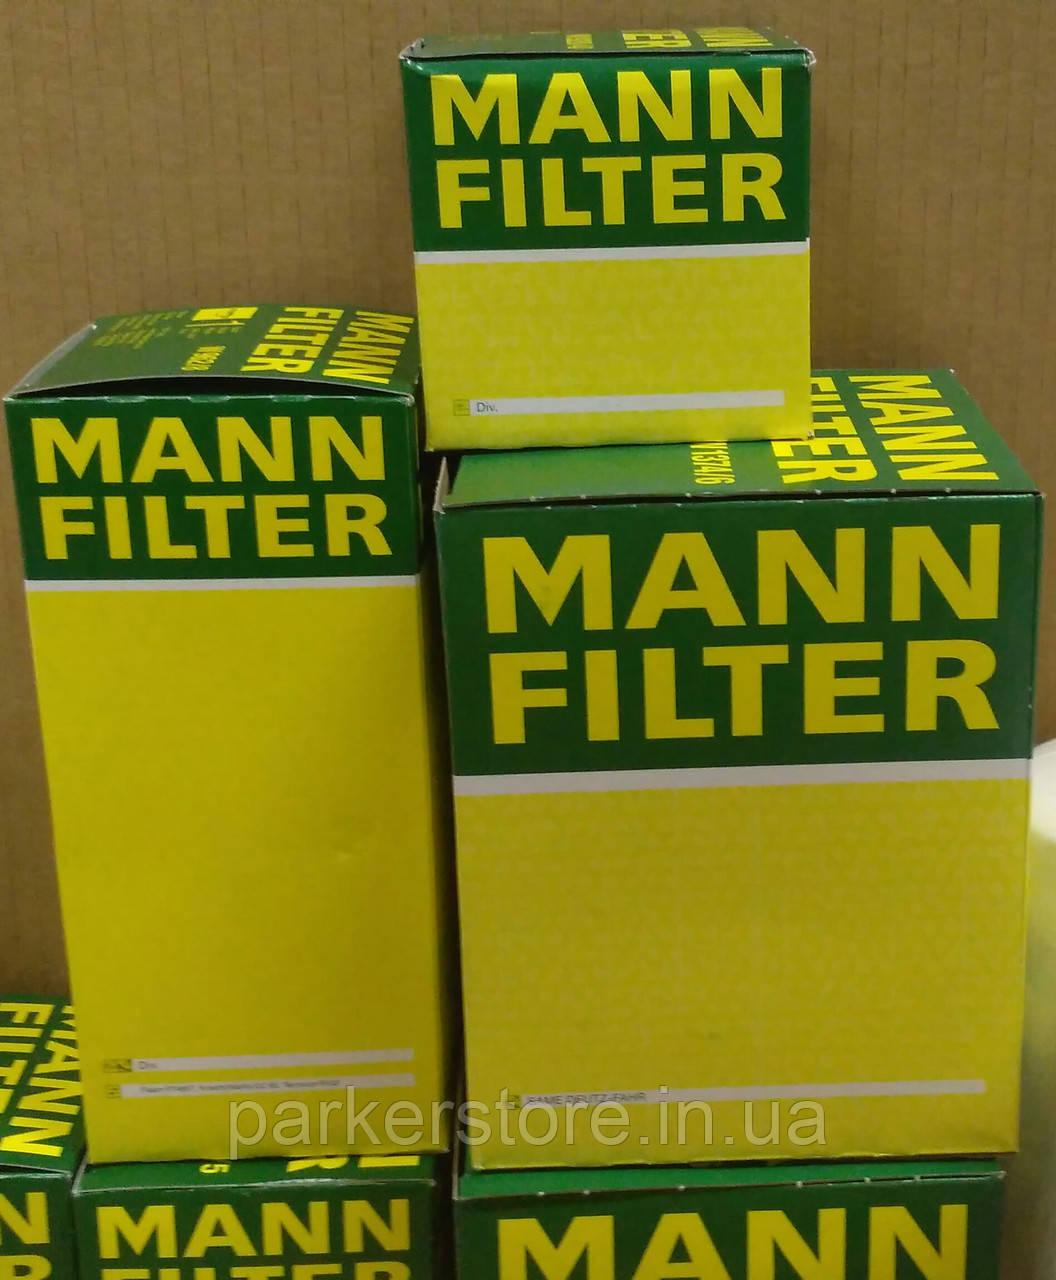 MANN FILTER / Воздушный фильтр / C 30 009 / C30009